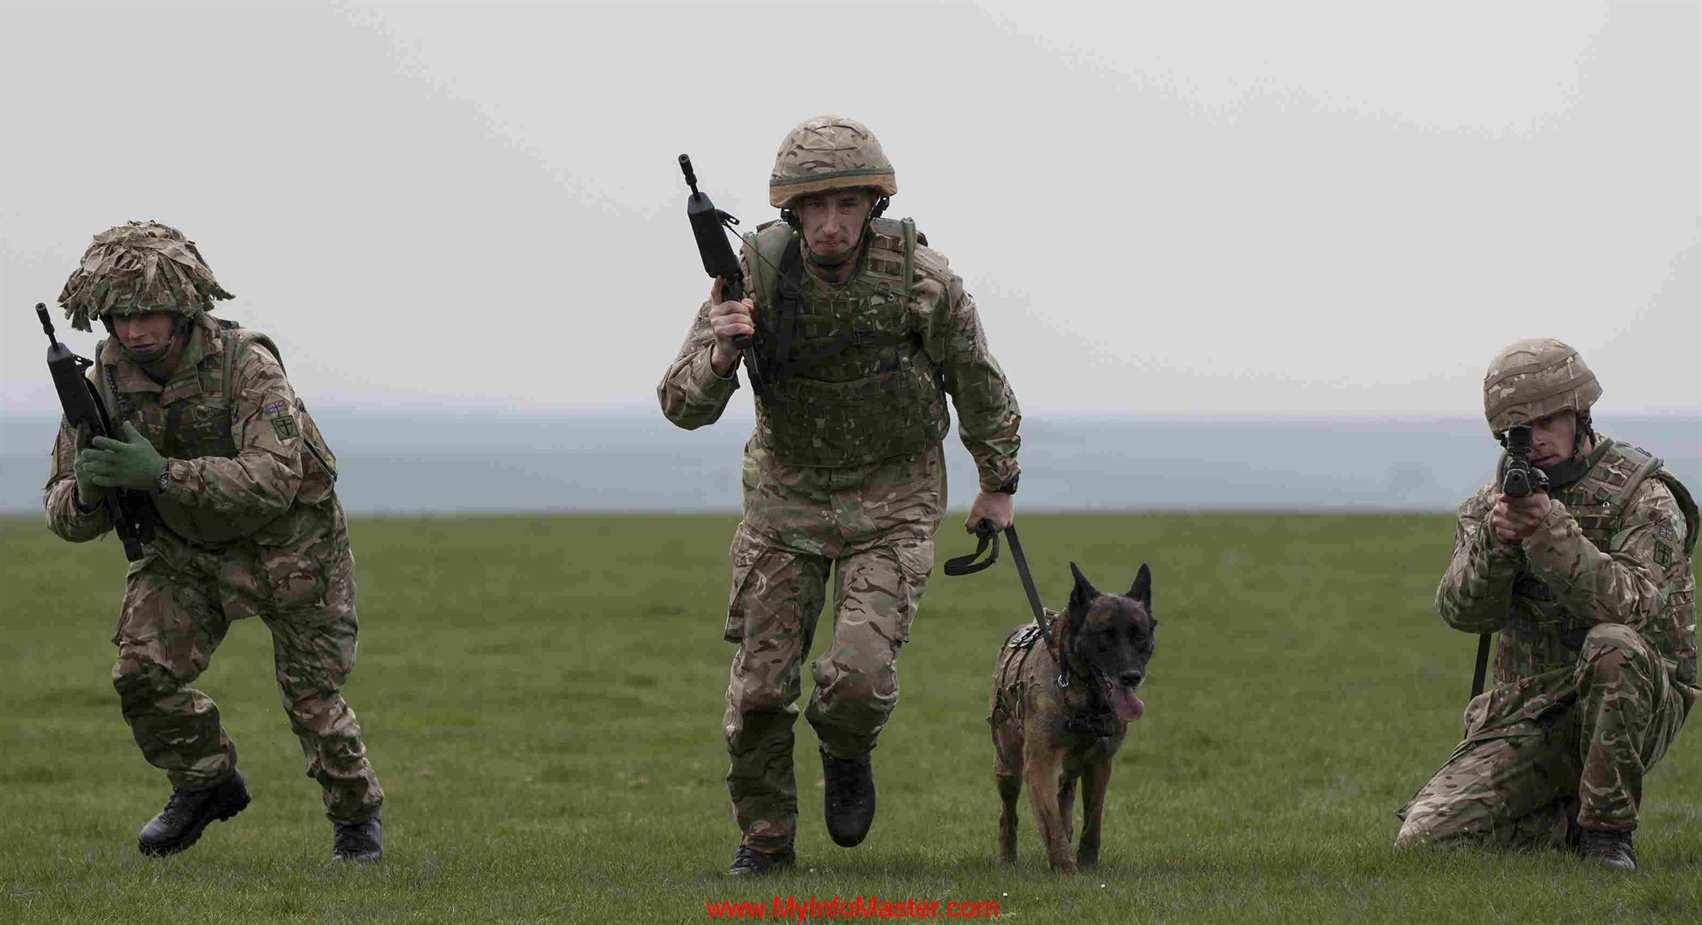 workingbreeds, workingcocker spaniel, police dog breeds, workingdog breeds, military dog breeds, working kelpie, typesof policedogs, workingspringer spaniel